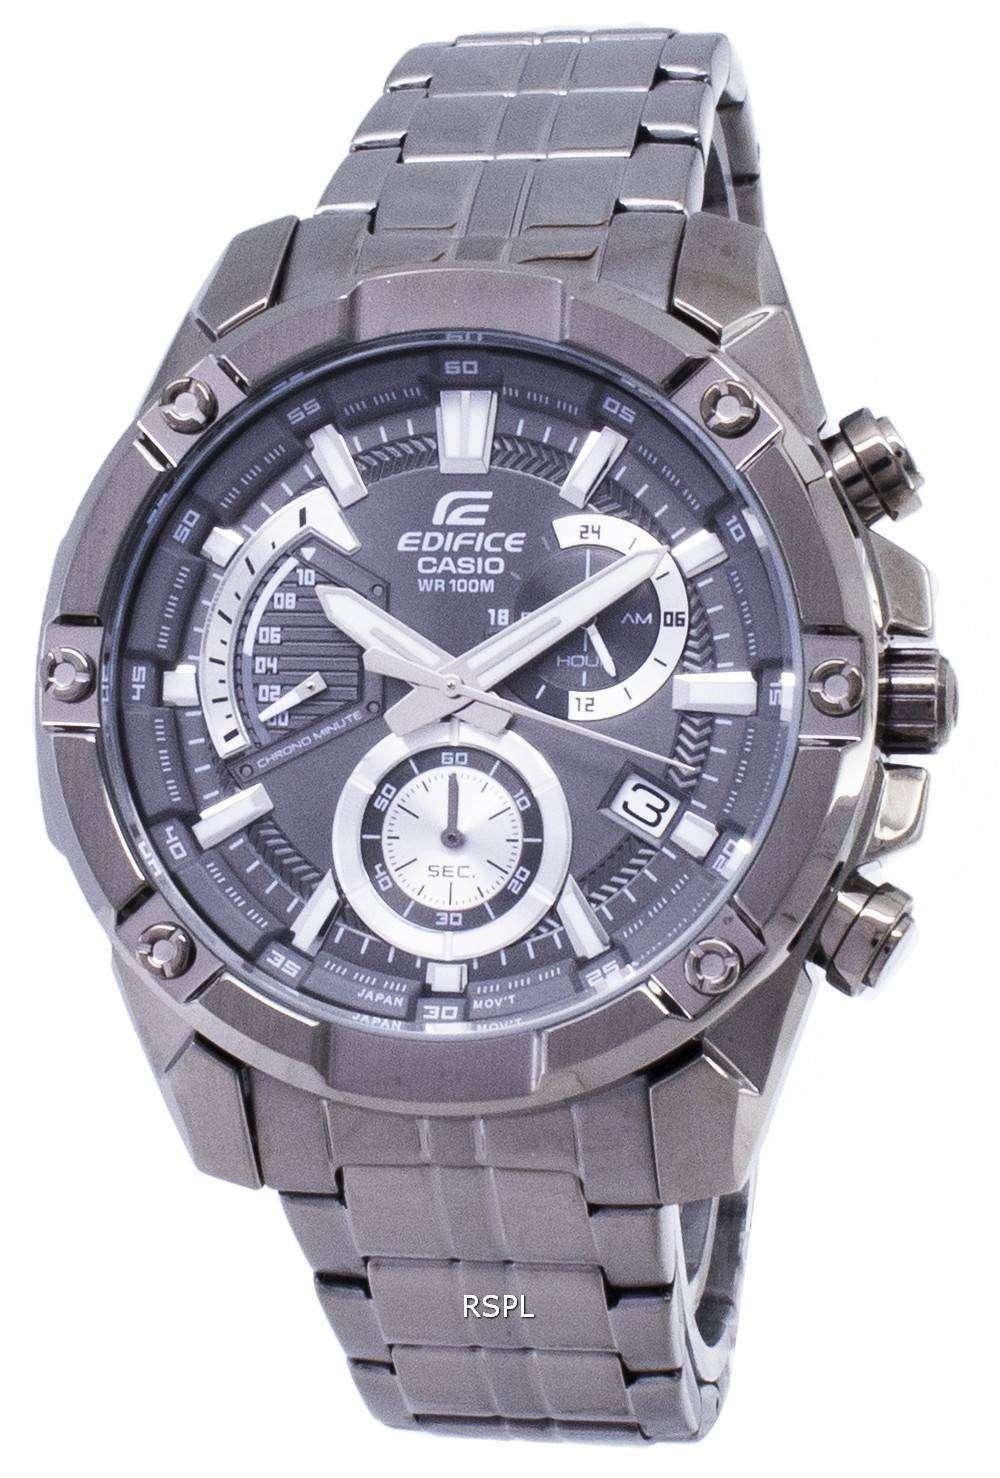 06af0b3bec03 Casio Edifice EFR-559GY-1AV EFR559GY-1AV Chronograph Analog Men s Watch